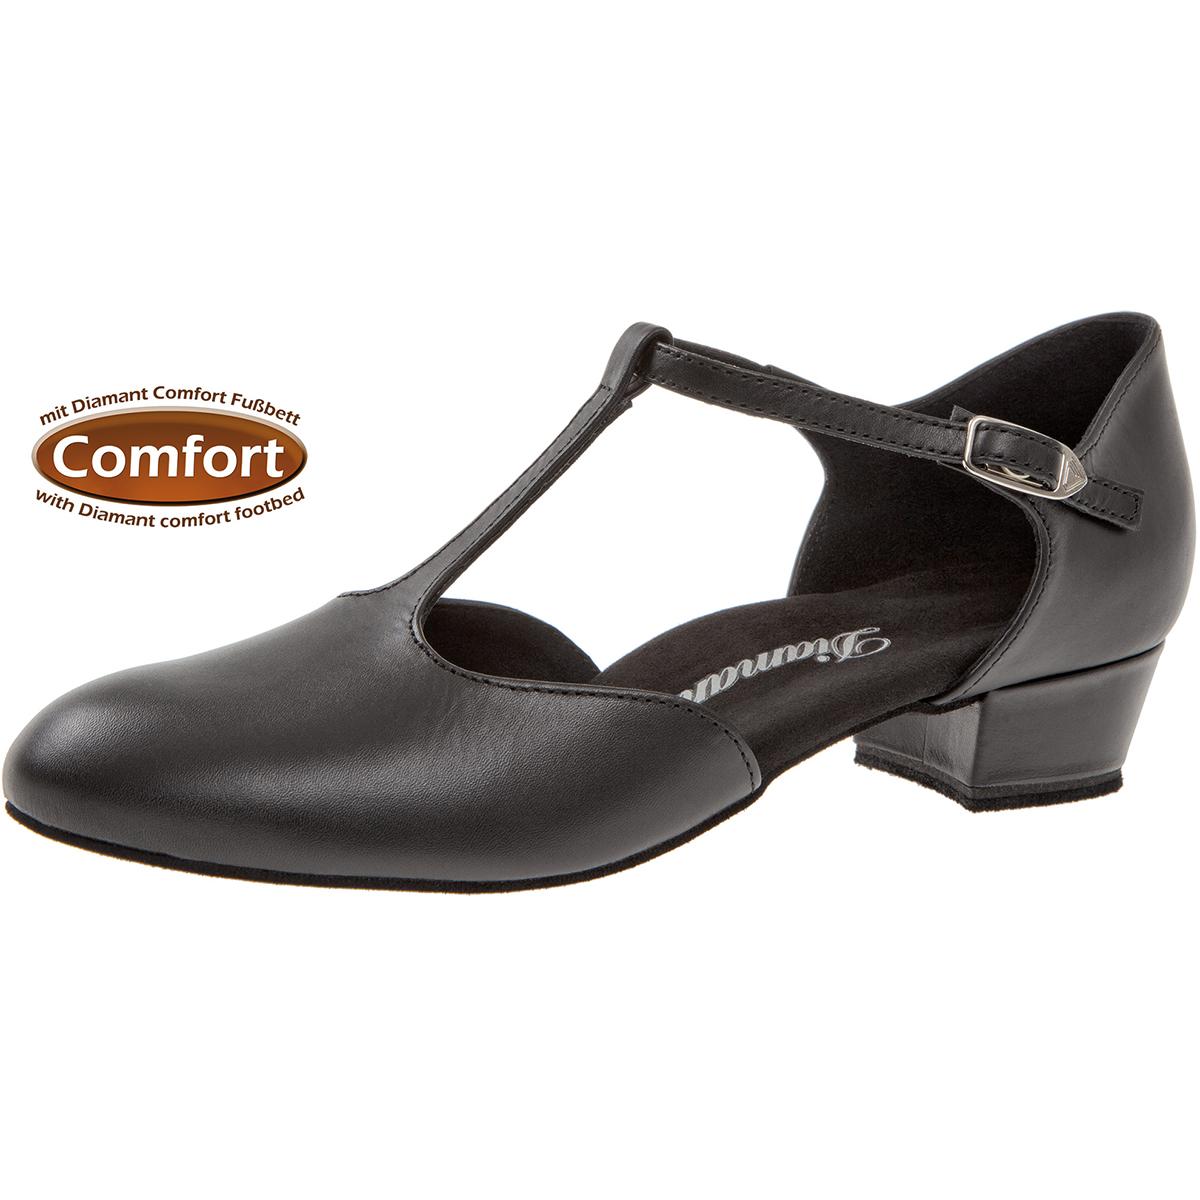 Shoes Kg Uk